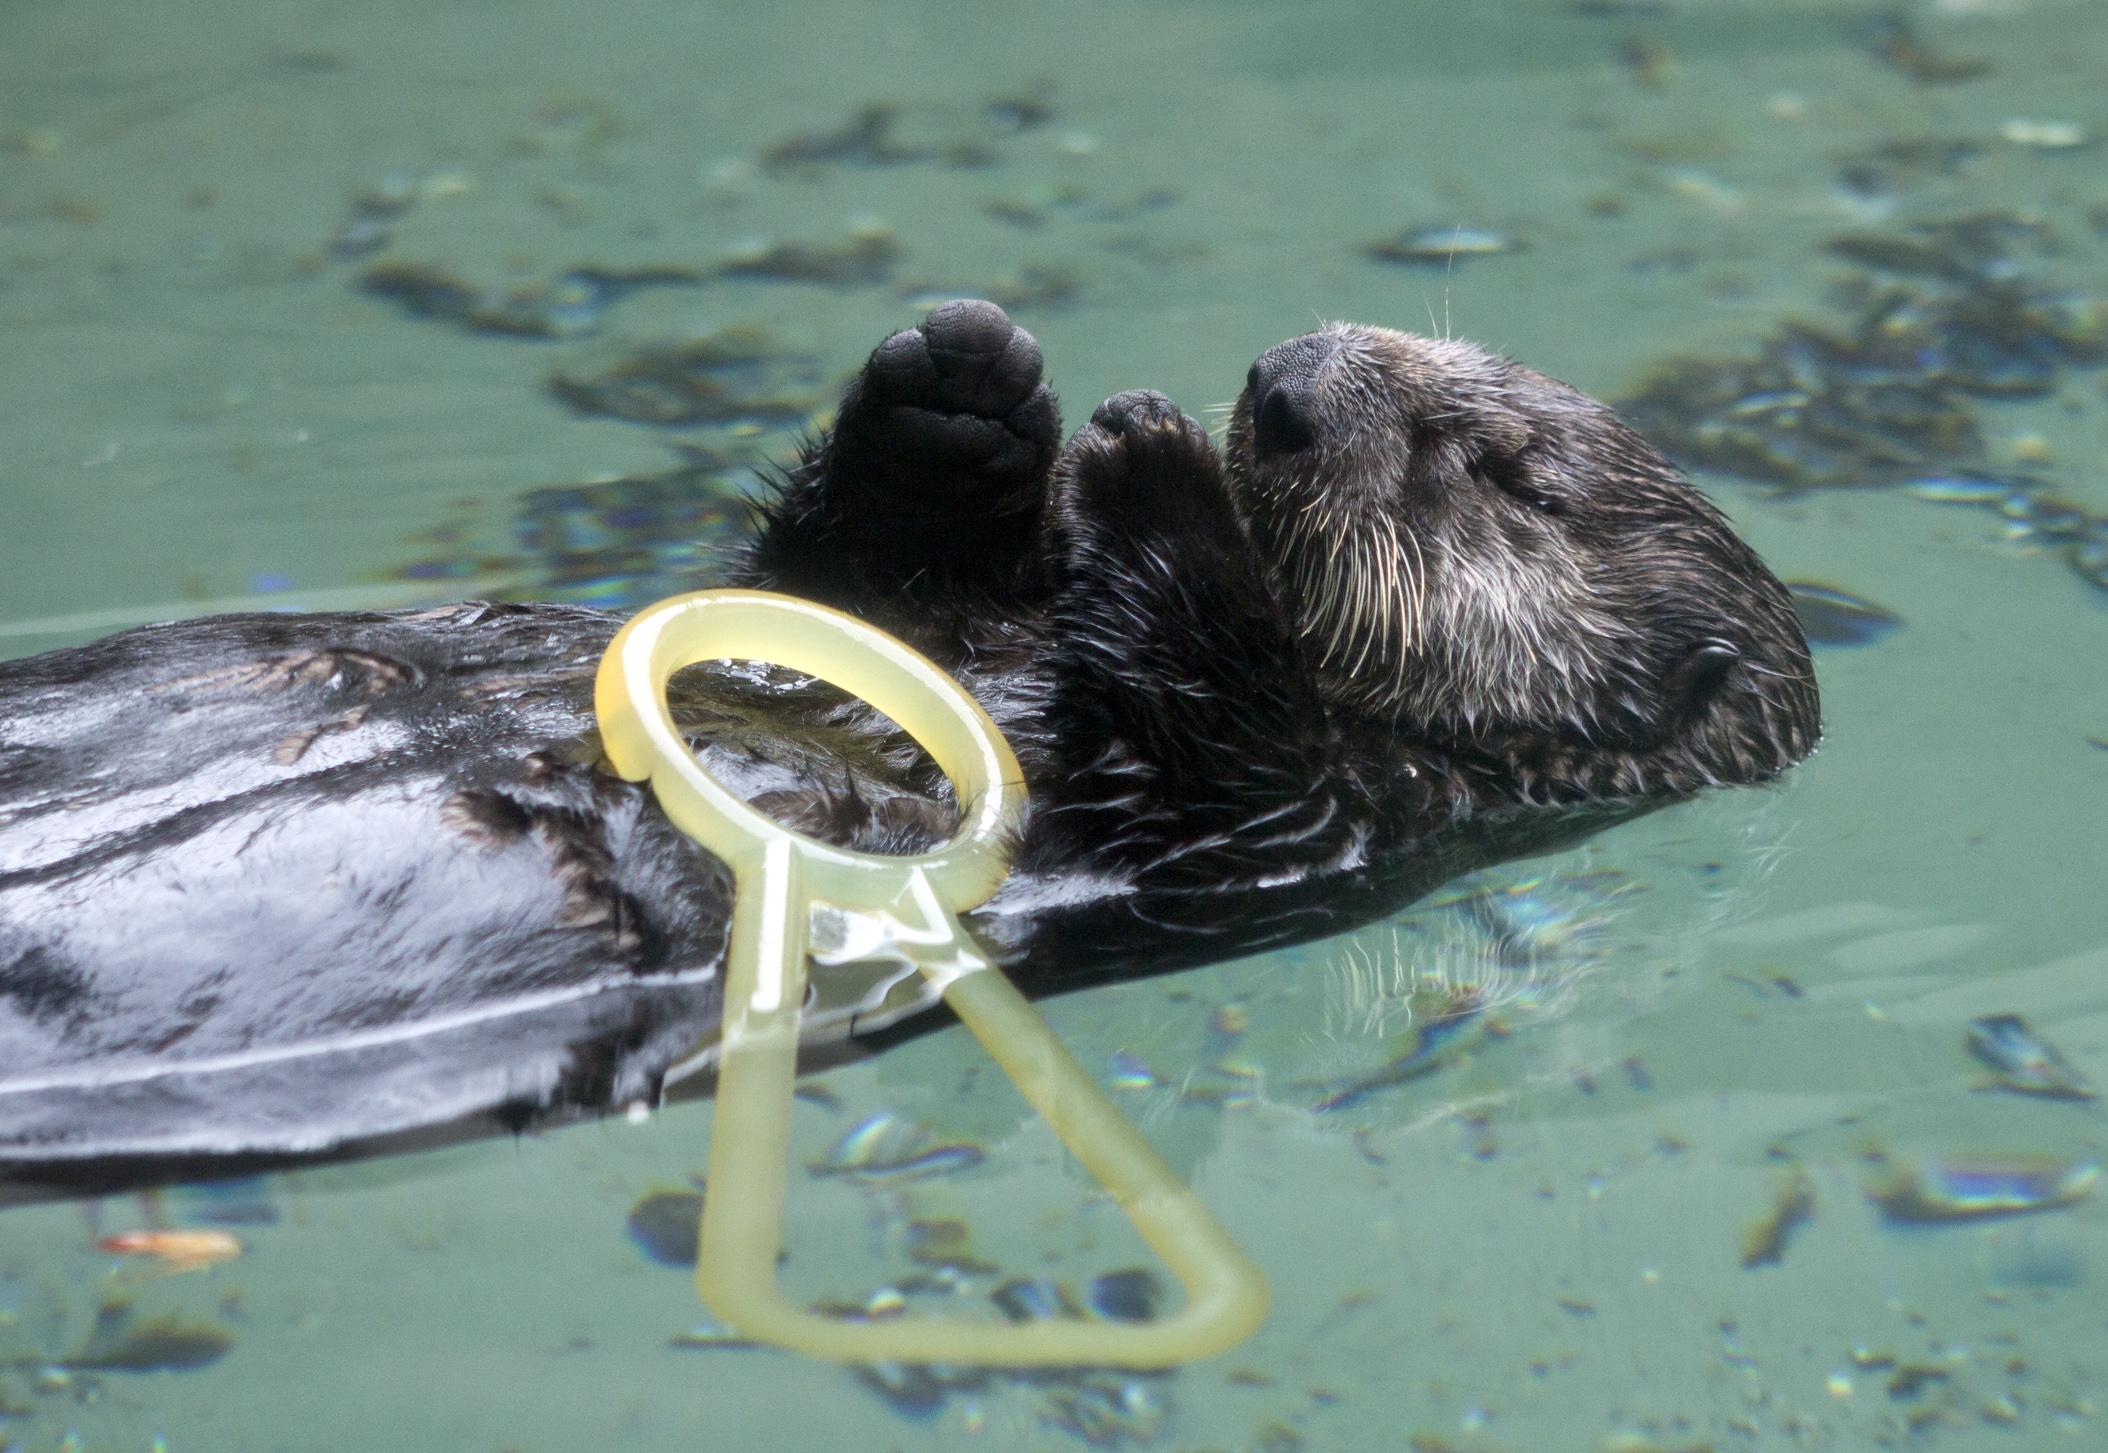 Little Sea Otter Sekiu Falls Asleep and Drops Her Toy